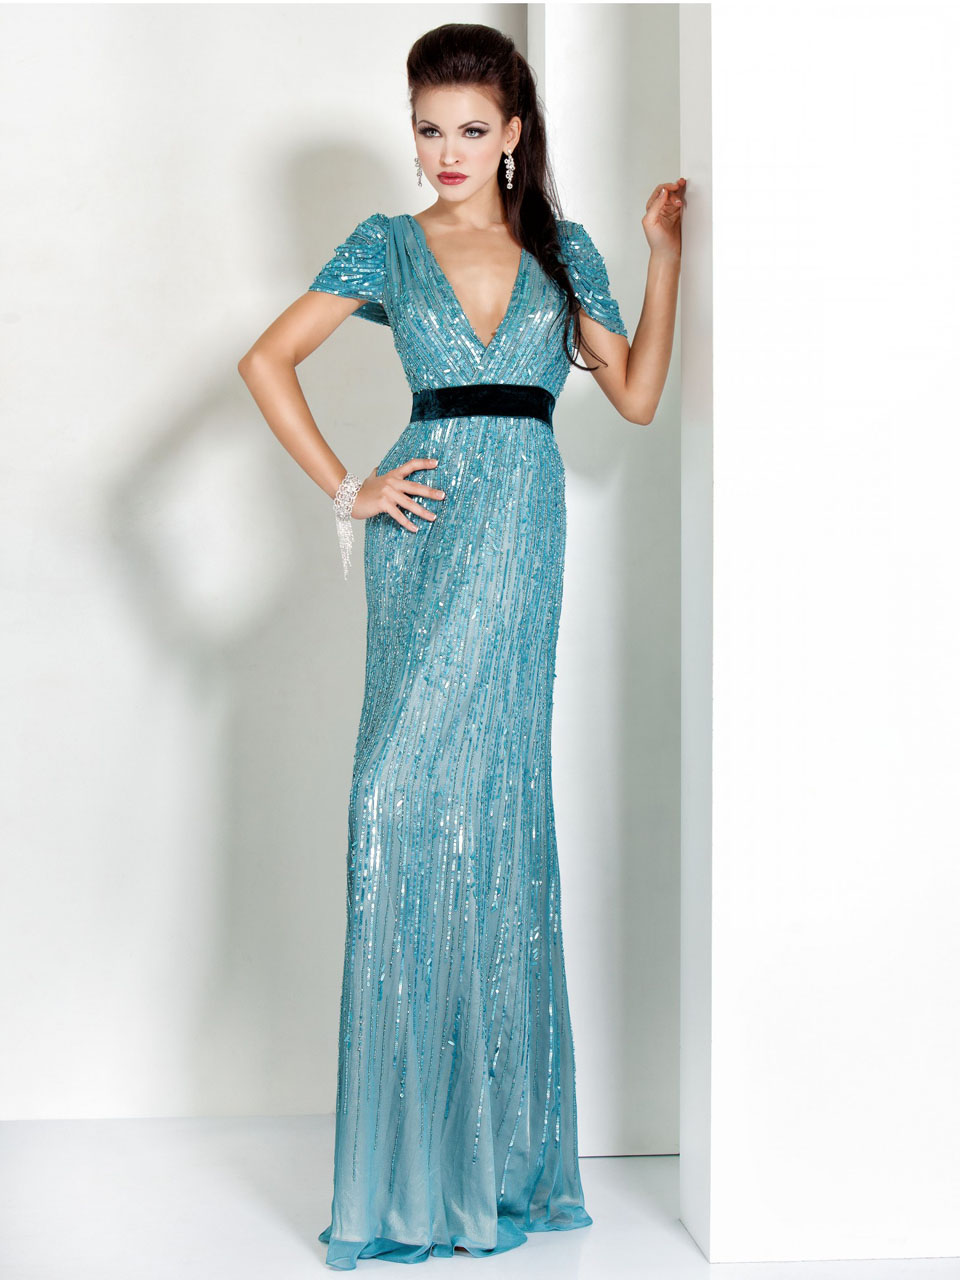 Uzun kısa kollu abiye elbise kıyafet modelleri 2017